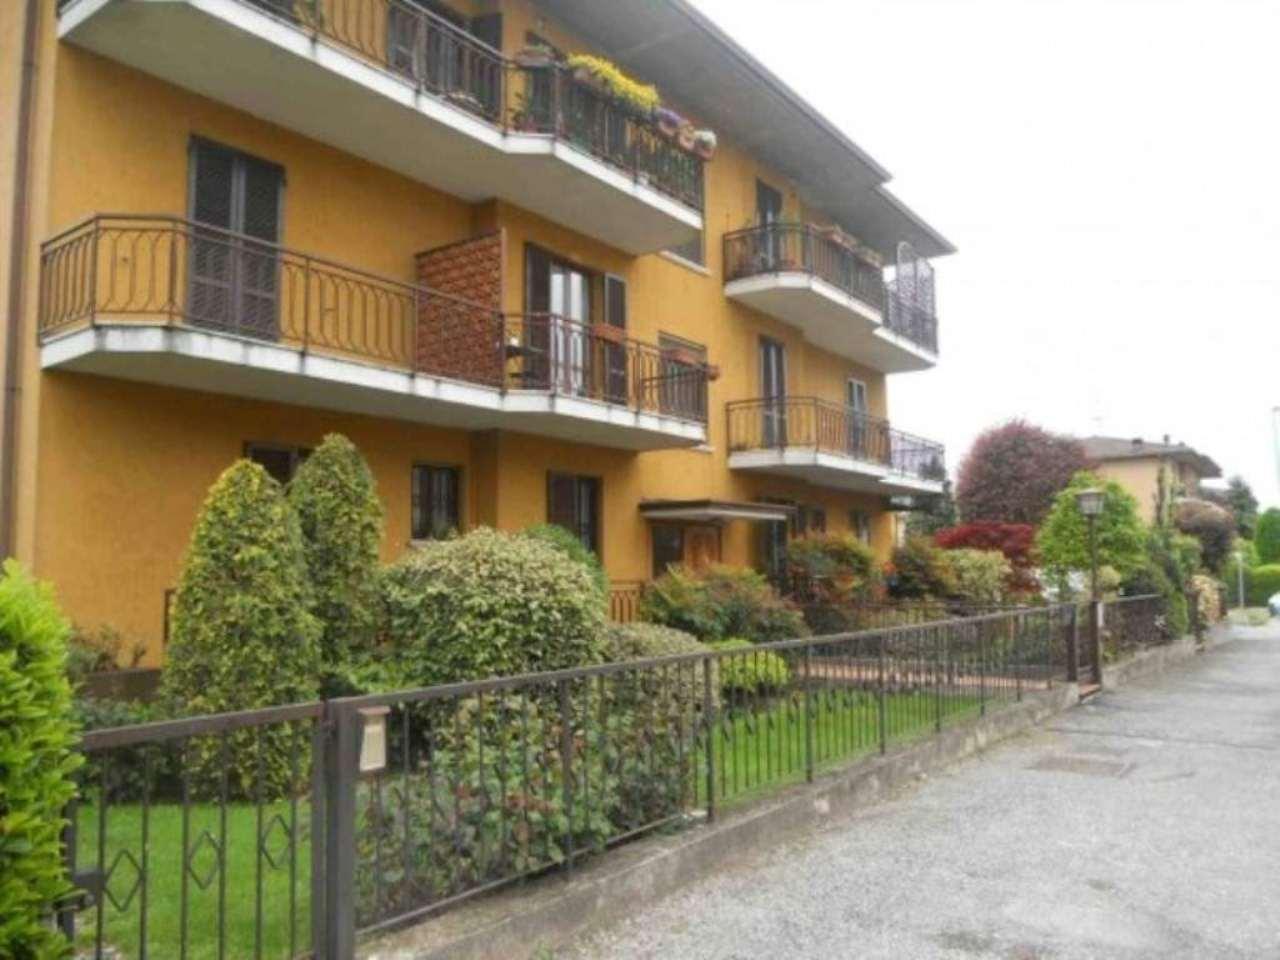 Appartamento in vendita a Borgosatollo, 2 locali, prezzo € 85.000 | Cambio Casa.it